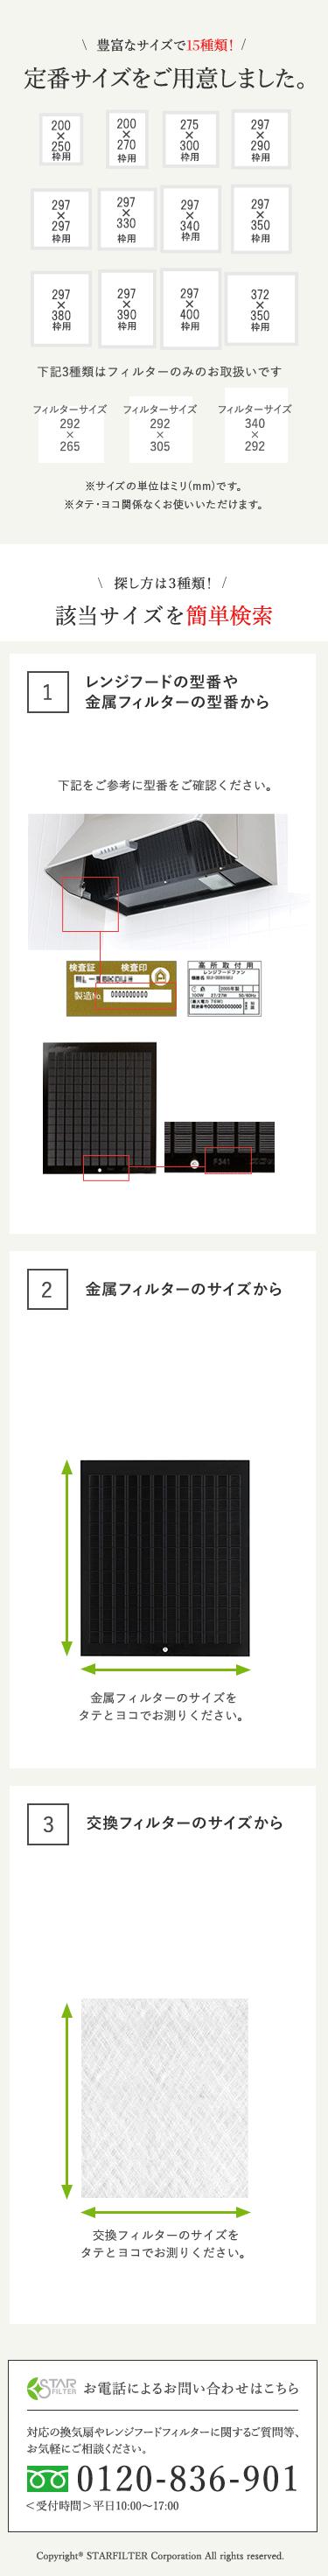 スターフィルターの換気扇フィルターは定番サイズ13種類をご用意しています。サイズはここから簡単に検索いただけます。